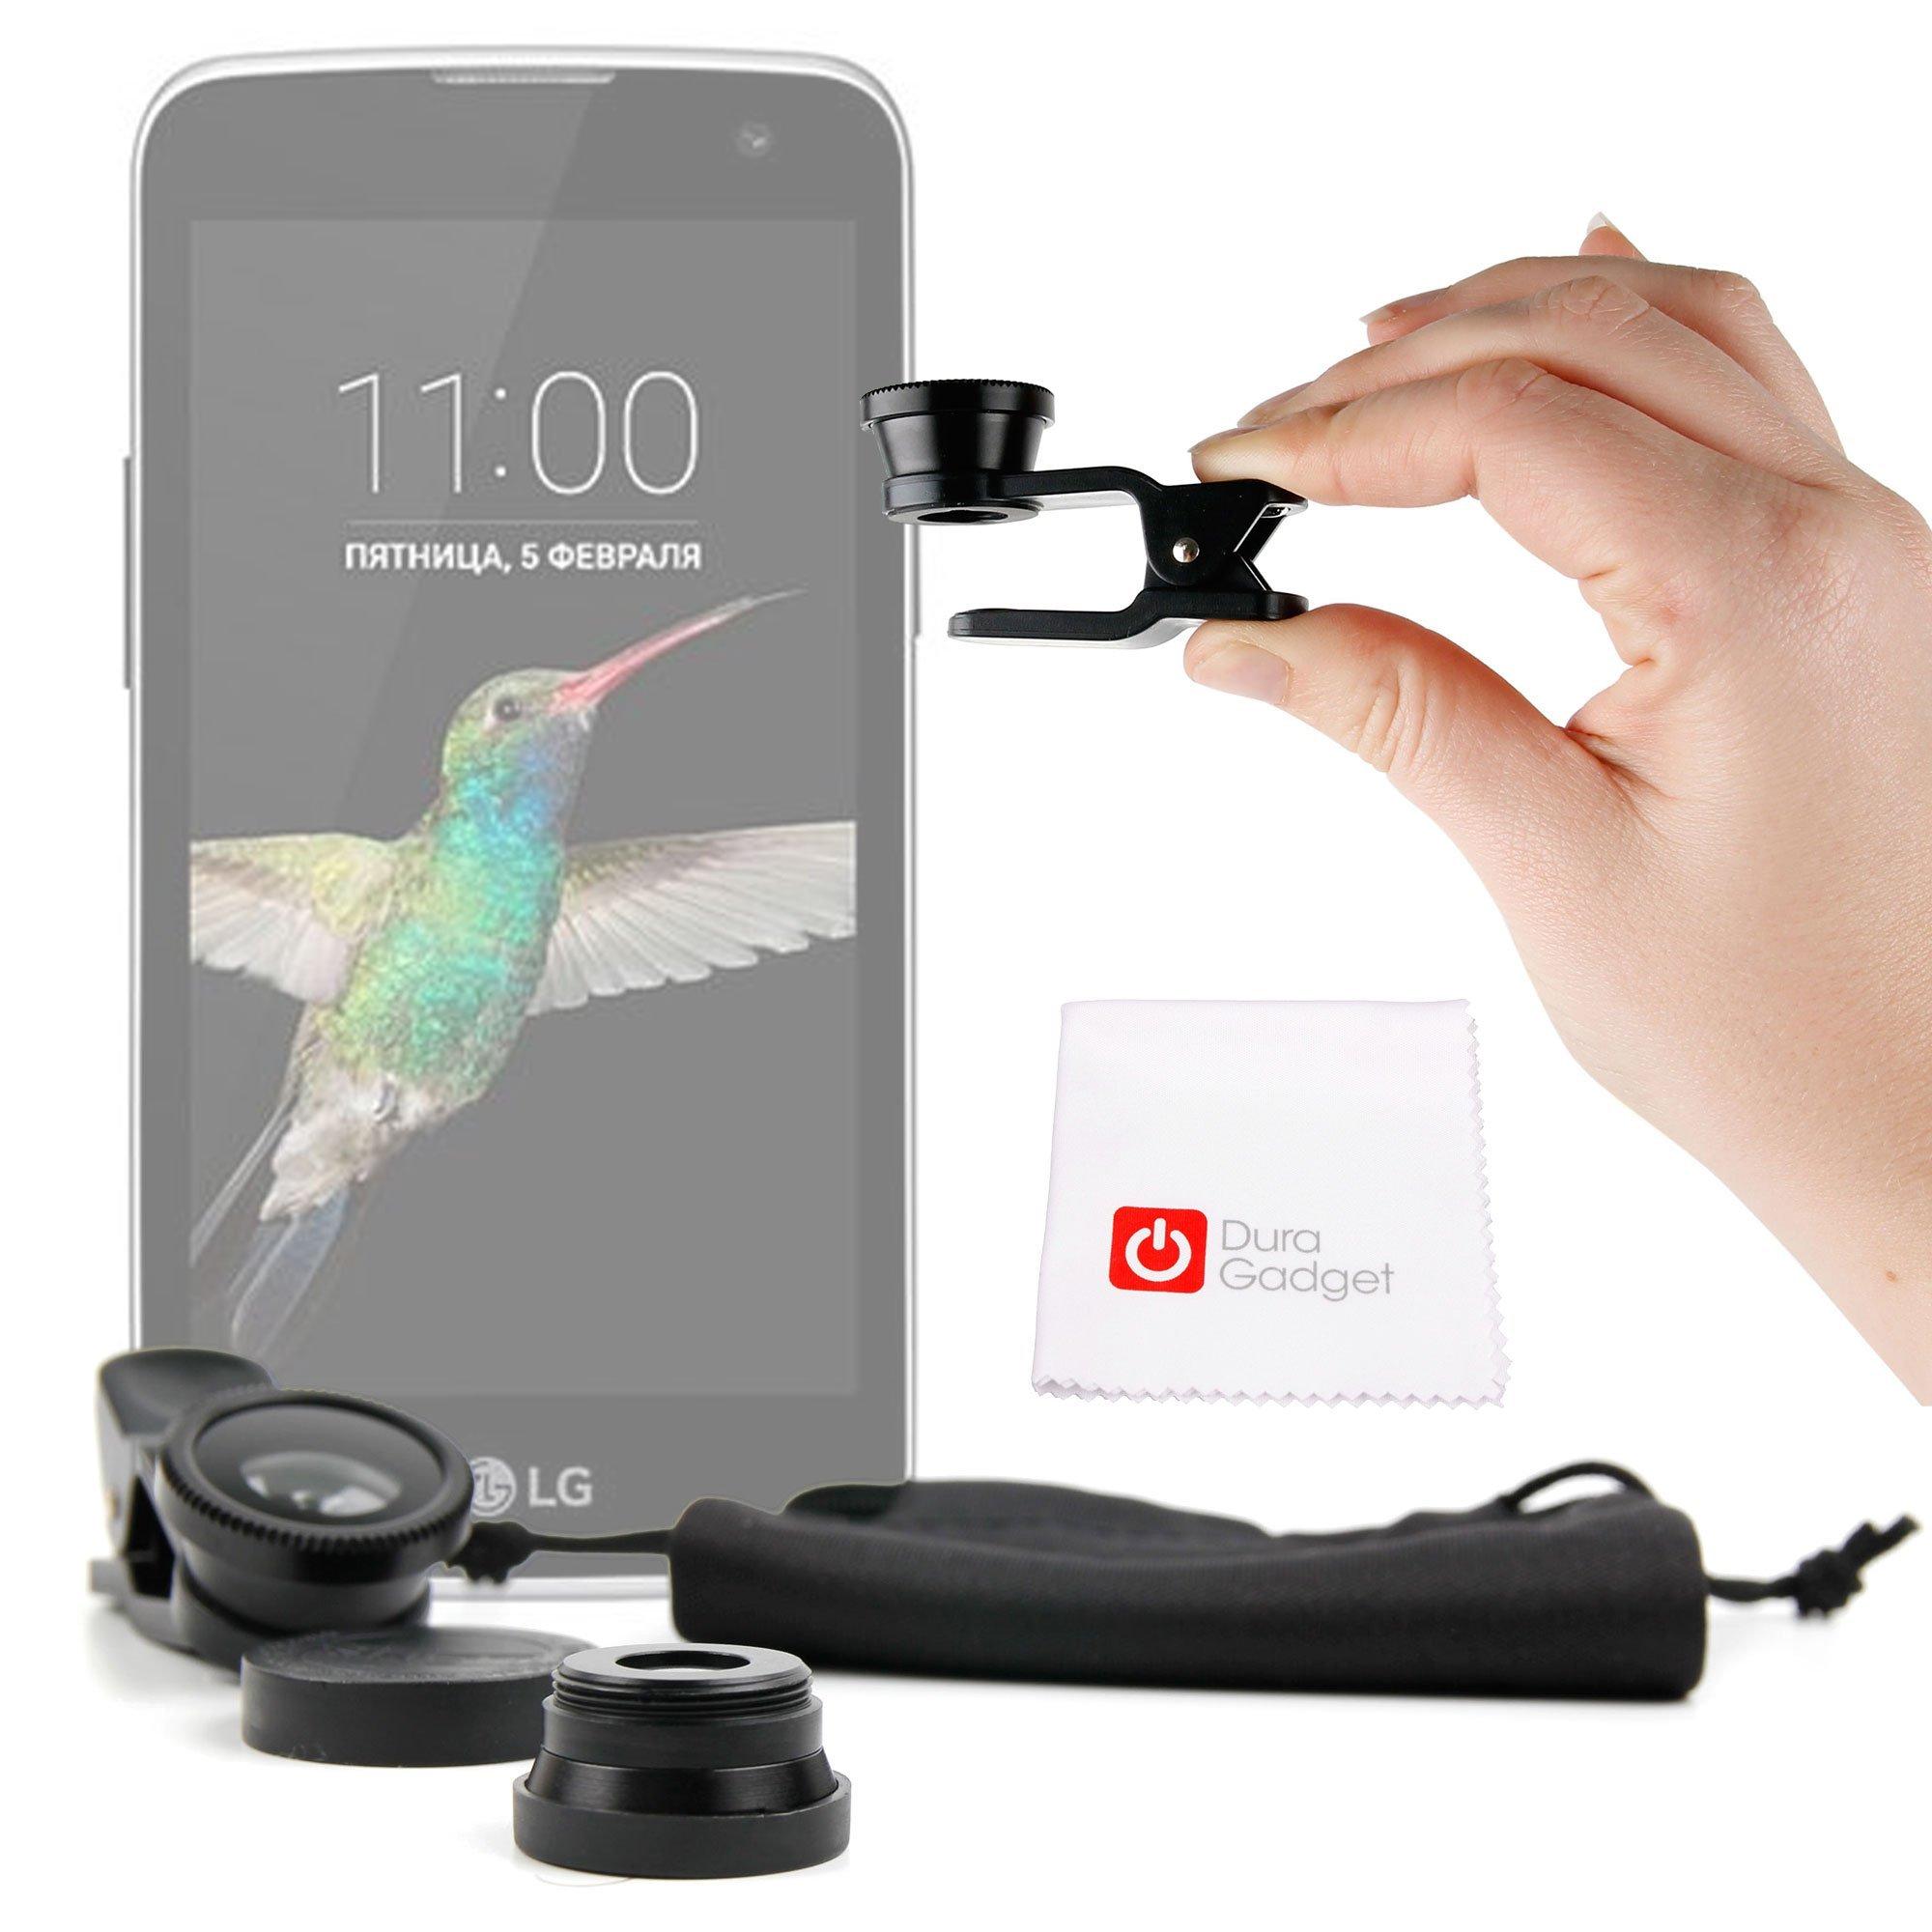 DURAGADGET Kit Lentes 3 EN 1 para Smartphone Xiaomi Redmi 3 / Redmi Note 3 Pro/Mi 4s / Mi 5: Amazon.es: Electrónica